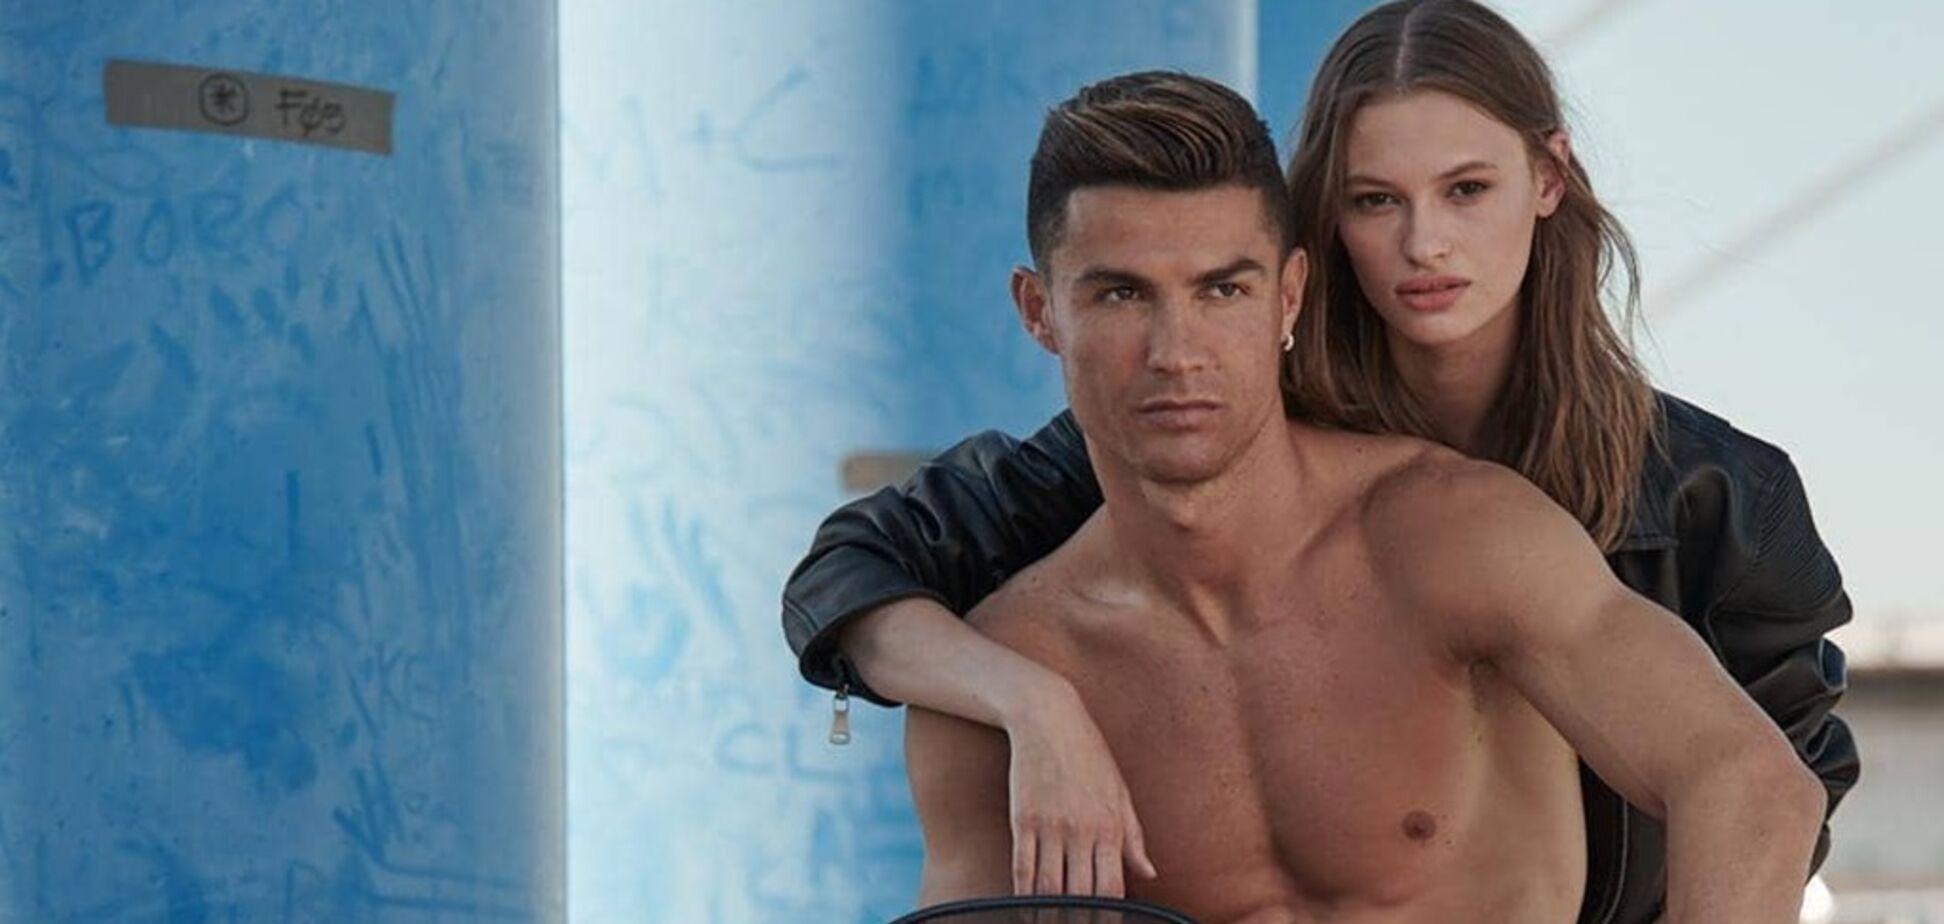 Роналду знявся у пікантній фотосесії з українською моделлю: фото красуні